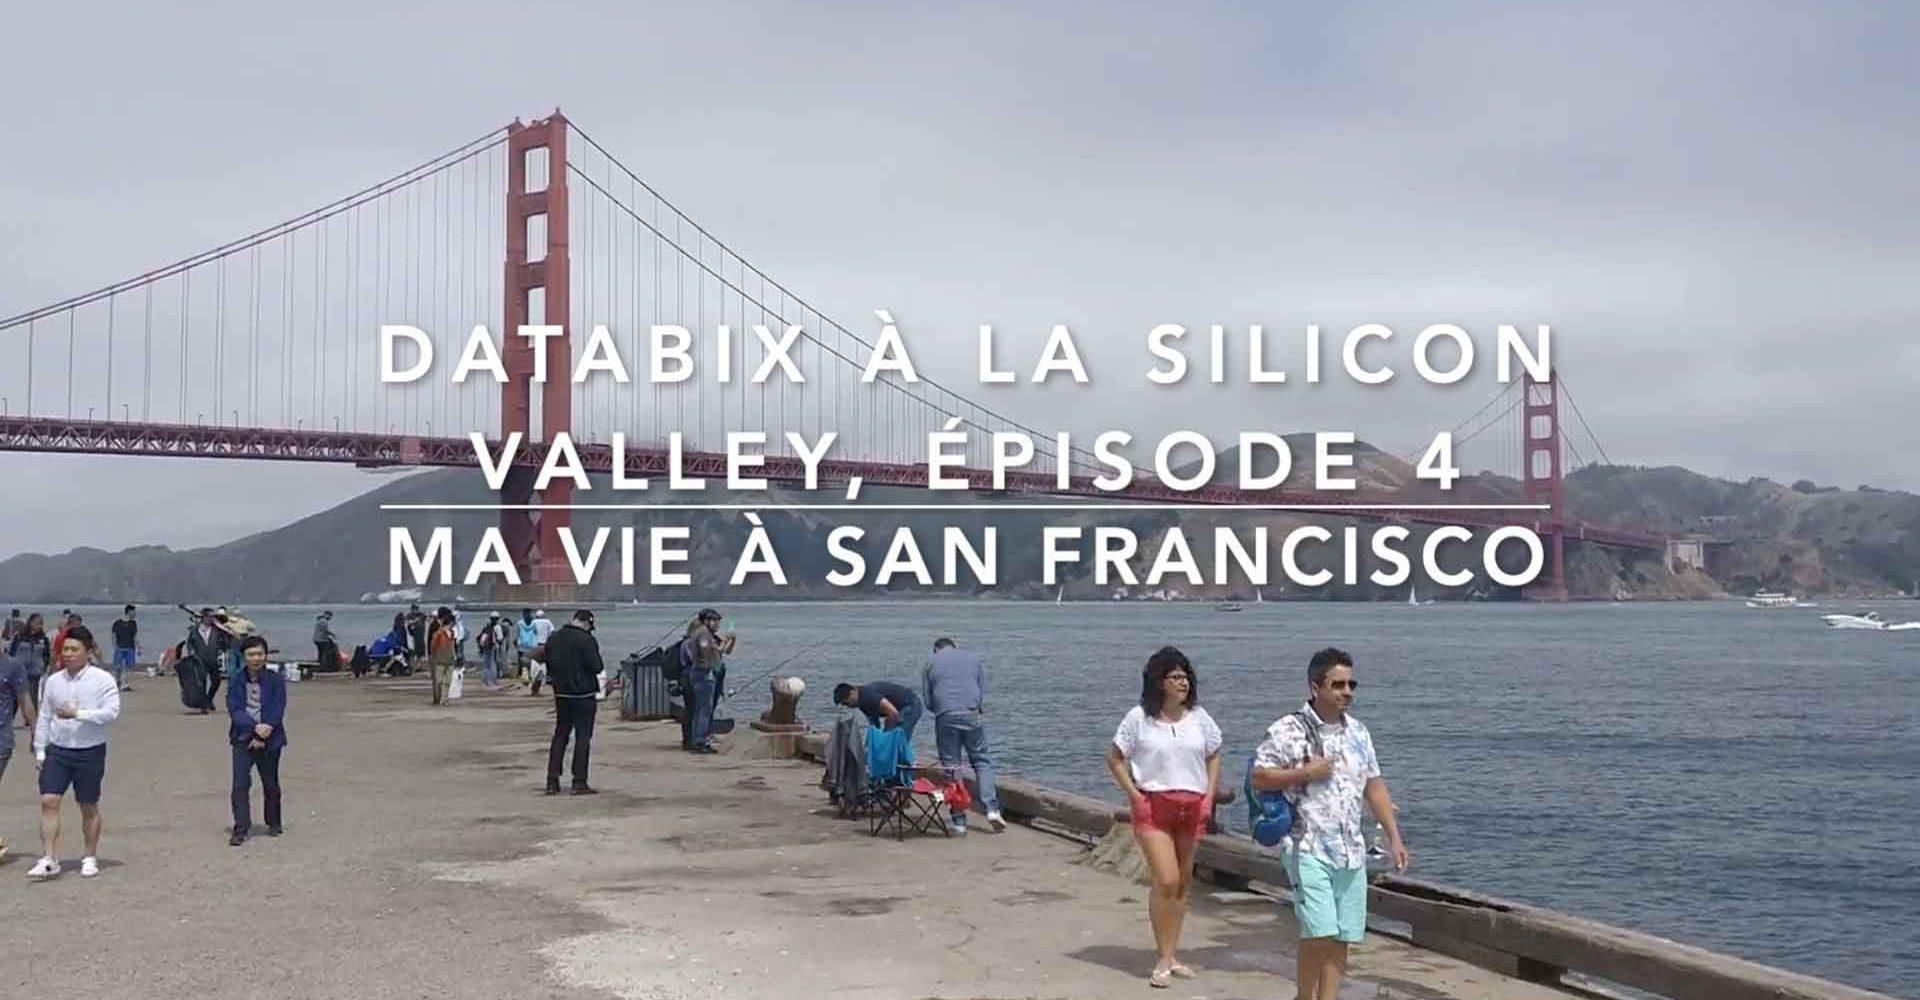 Databix a la silicon valley